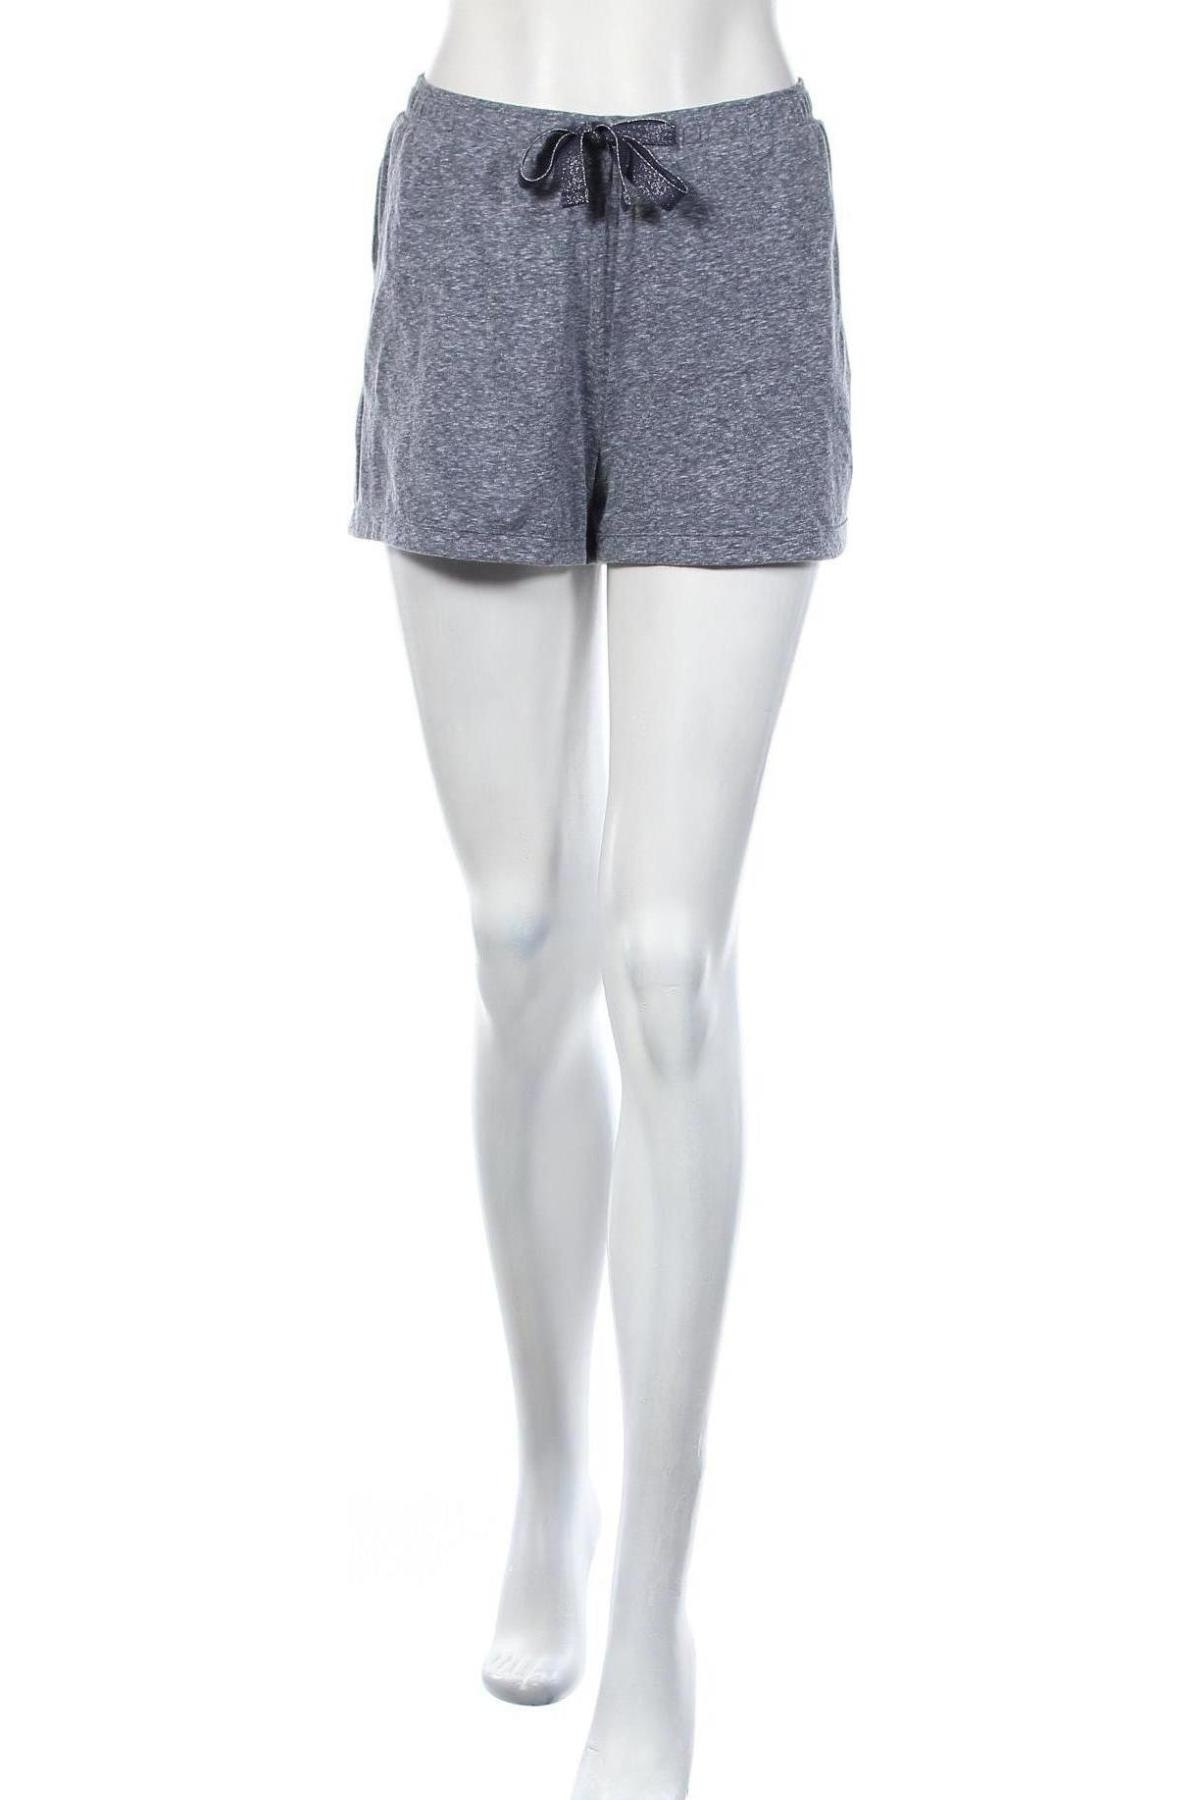 Γυναικείο κοντό παντελόνι S.Oliver, Μέγεθος M, Χρώμα Μπλέ, 50% πολυεστέρας, 38% βαμβάκι, 12% βισκόζη, Τιμή 15,59€